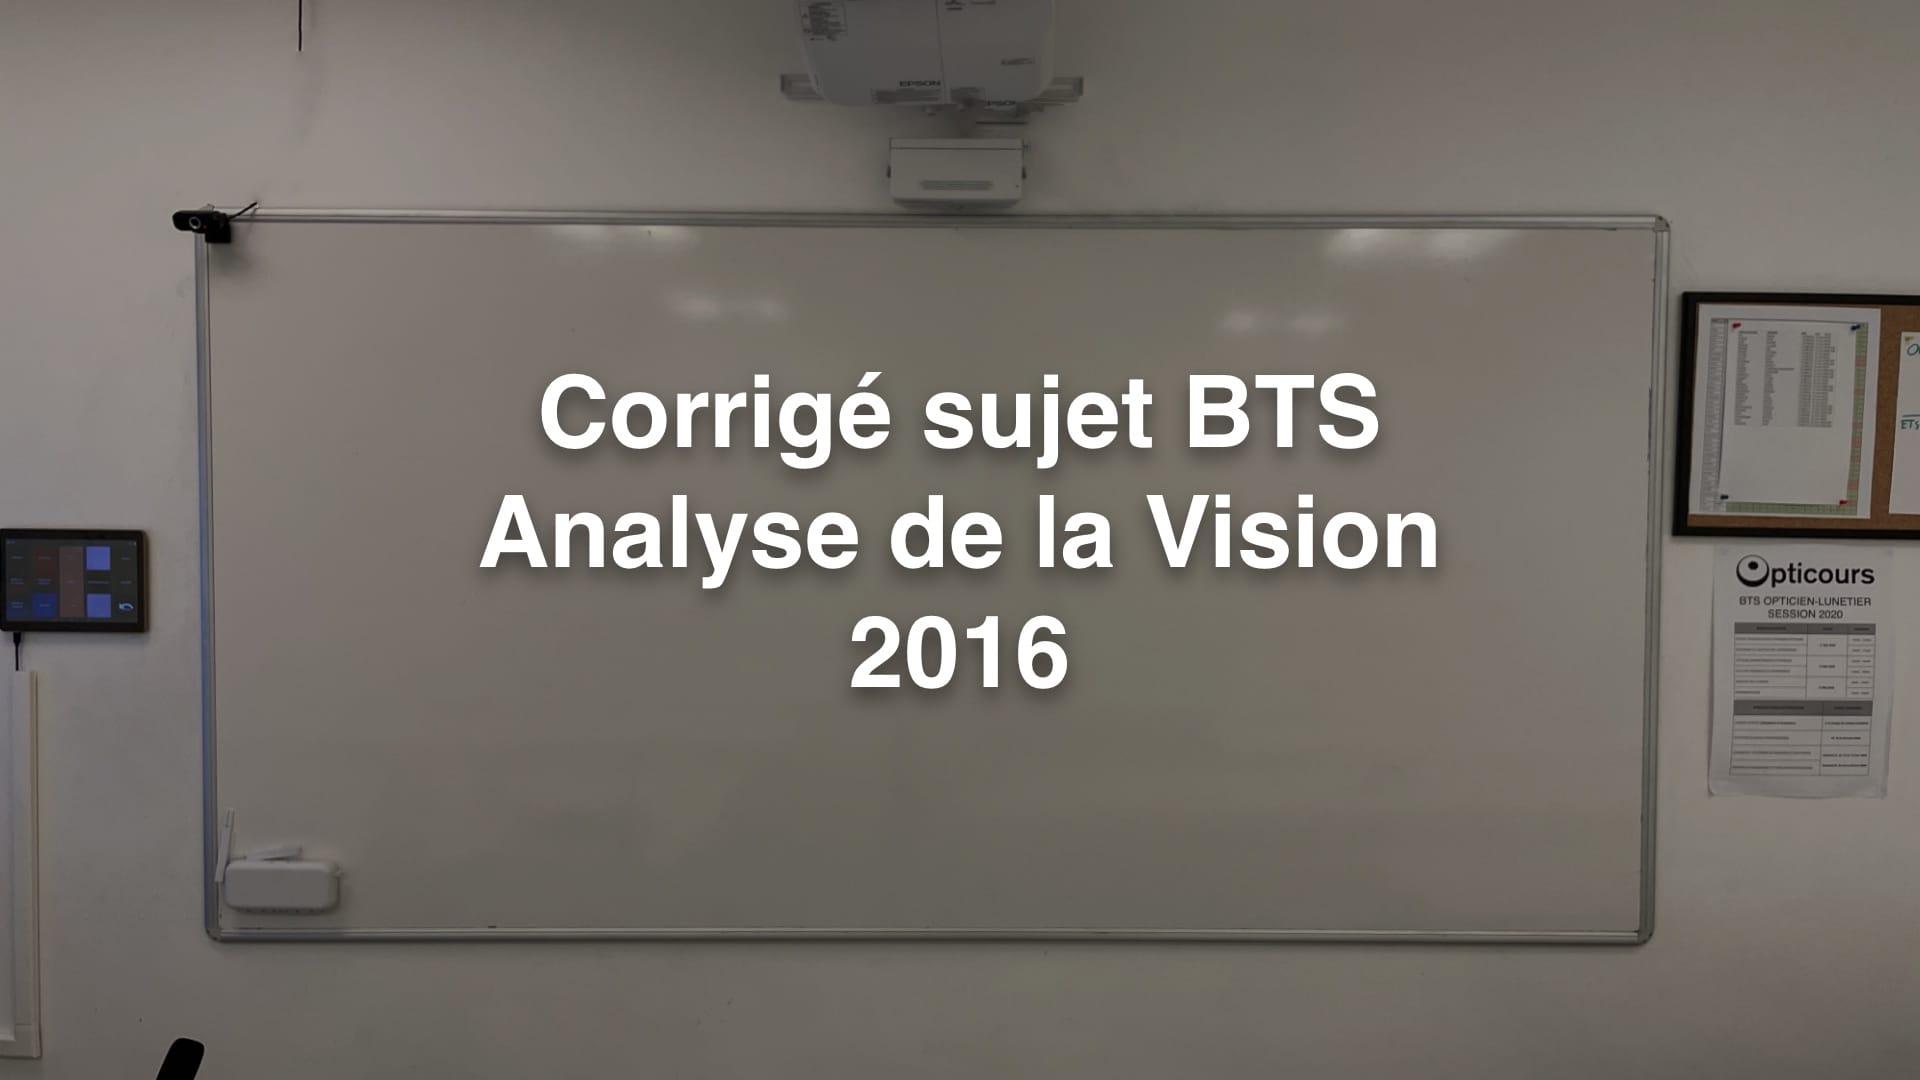 Cours BTS OL Corrigé sujet Analyse Vision 2016